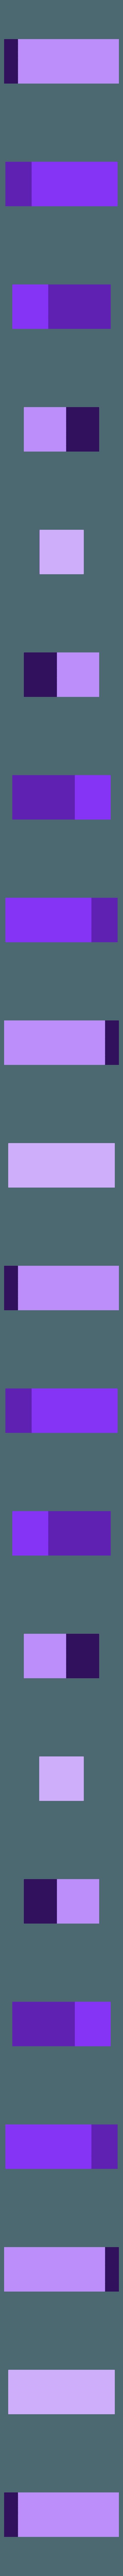 Connector.STL Download STL file LiL FRONT LOADER • 3D printable template, biglildesign